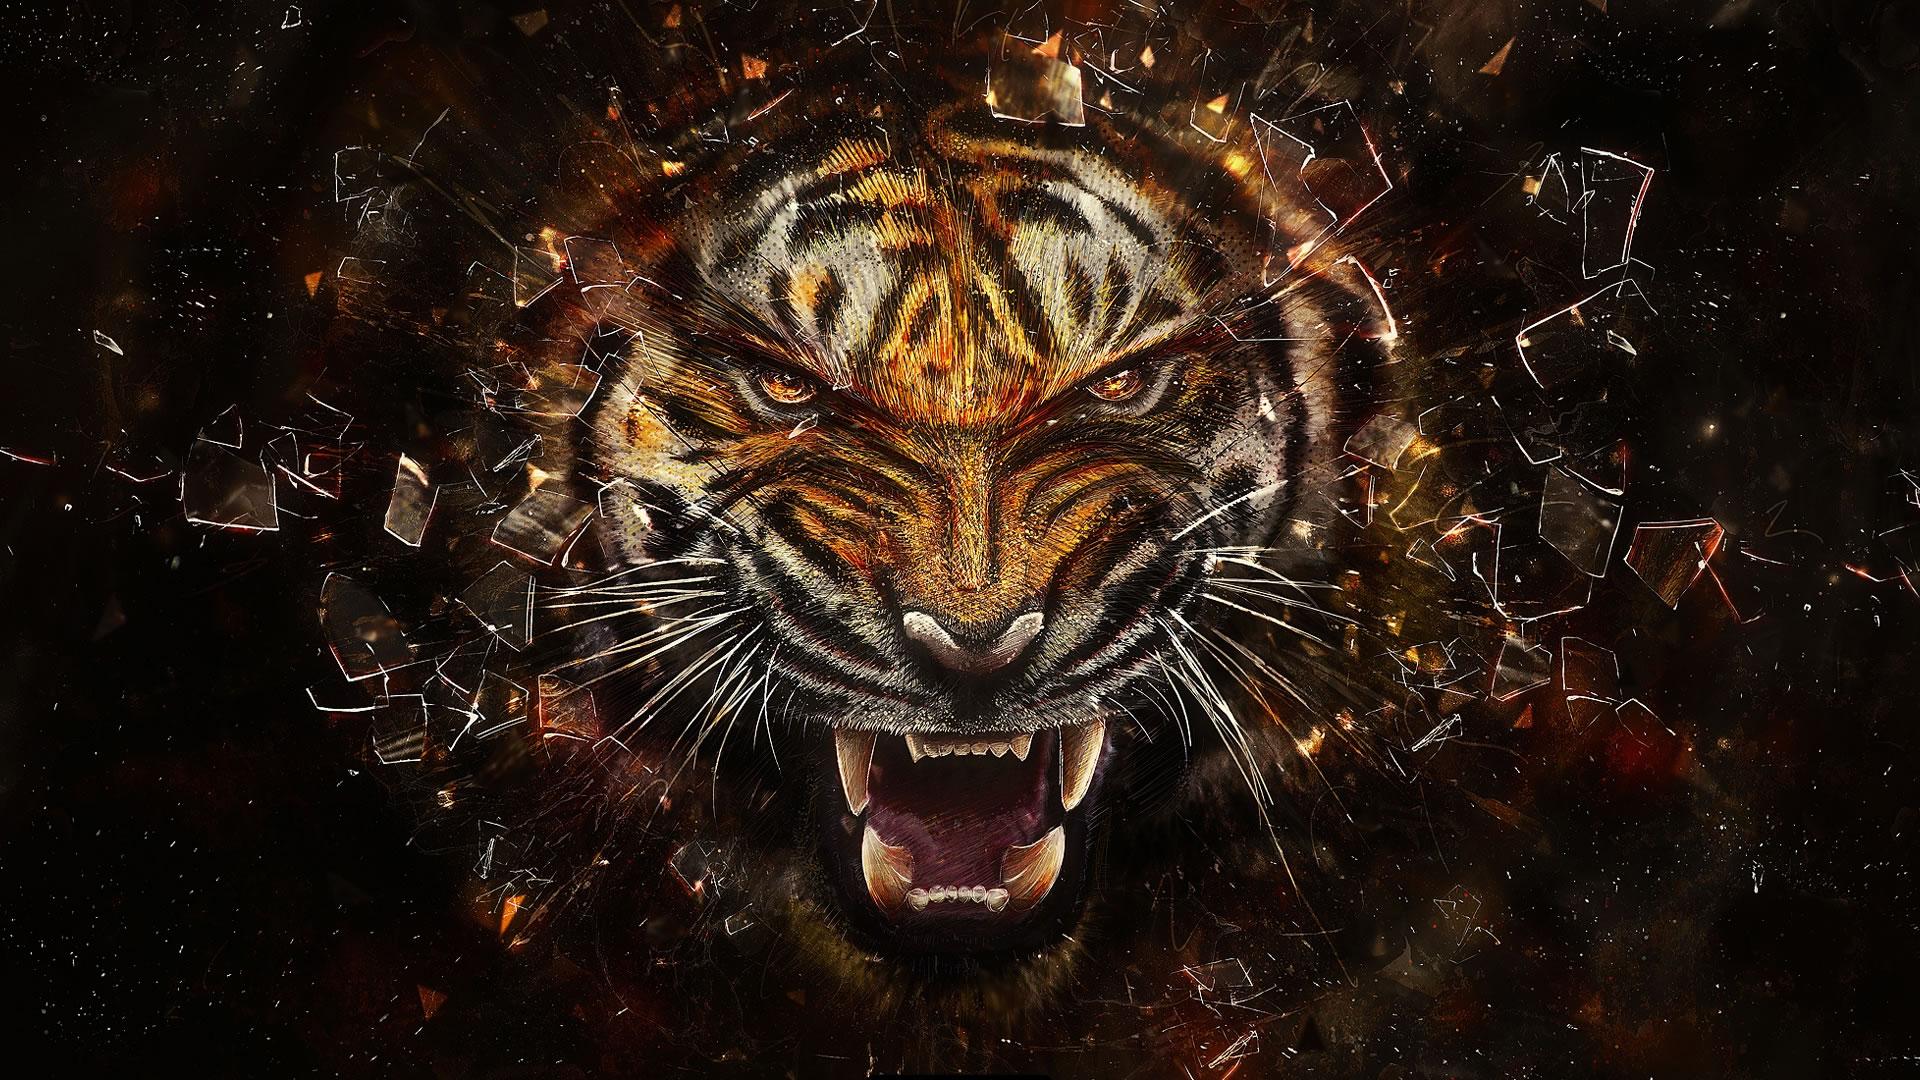 cool wallpapers of tigers - wallpapersafari